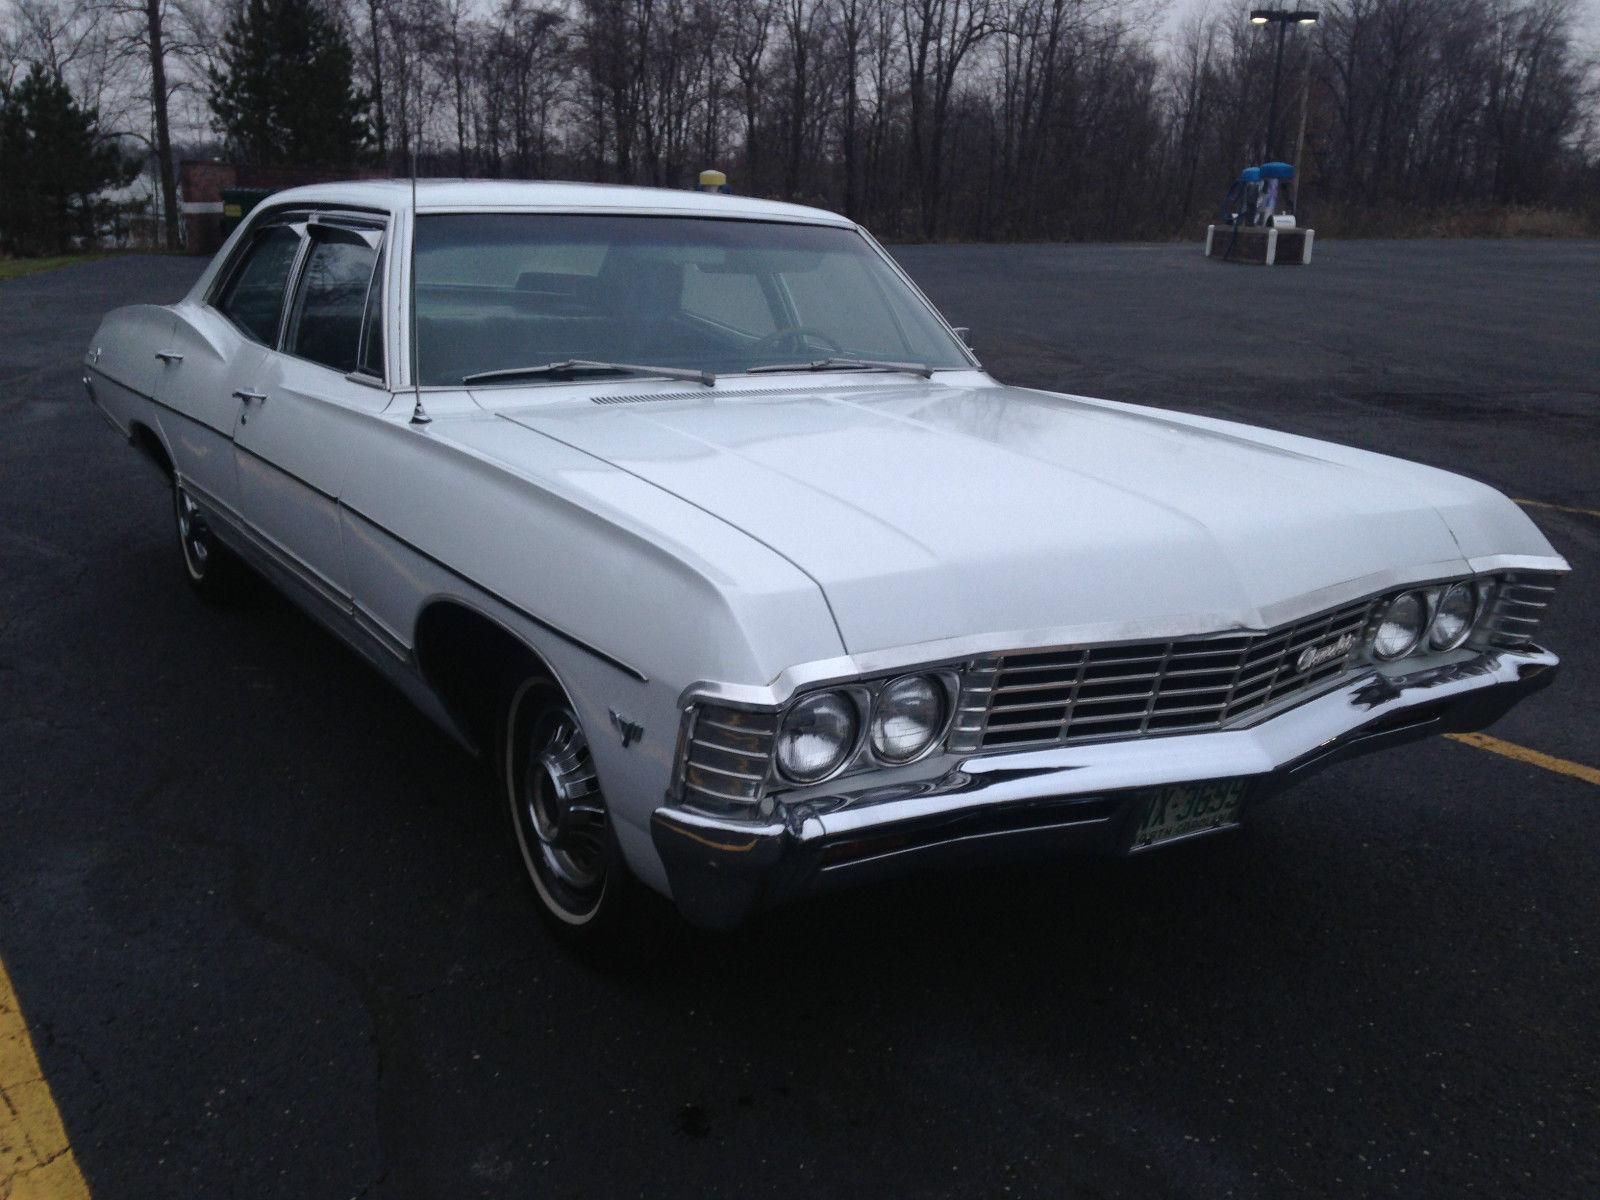 1967 Cheverolet Impala 4 Door Supernatural Car No Reserve